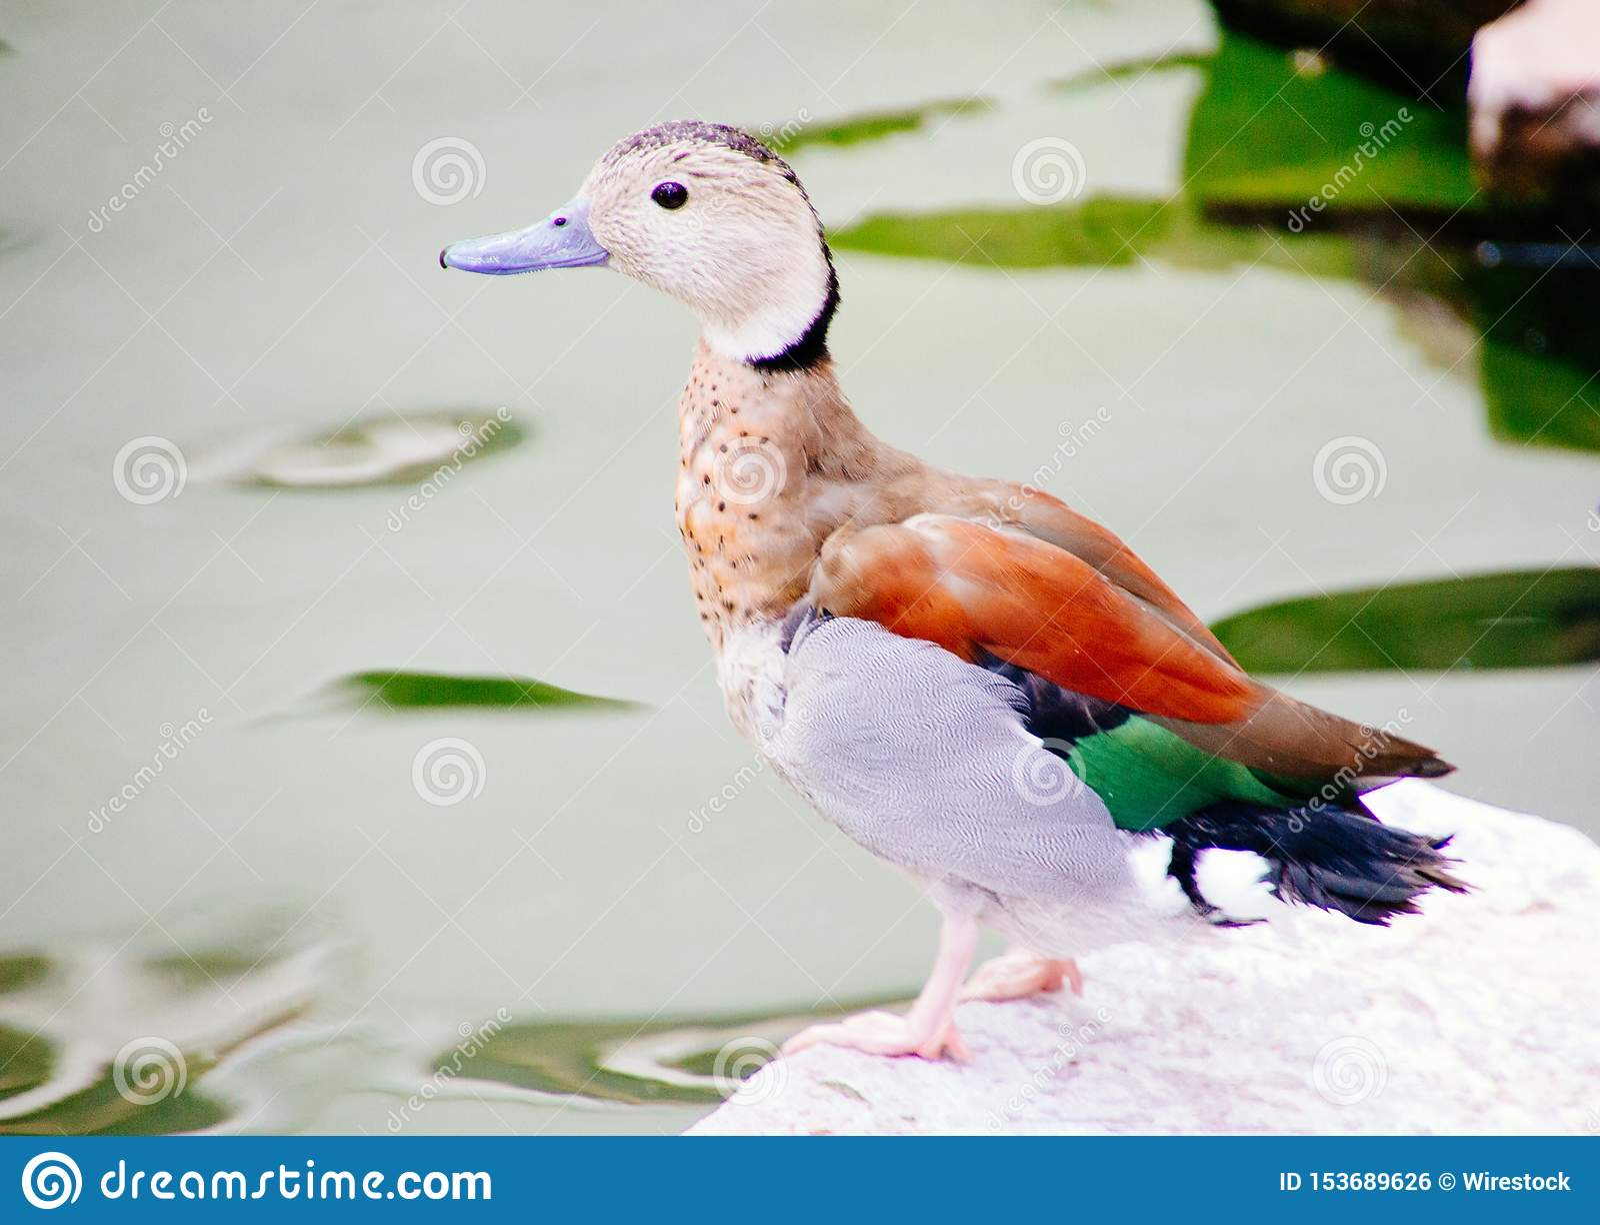 Close up disparado de um pássaro bonito colorido bonito do pato selvagem que senta-se em uma rocha branca perto de um lago